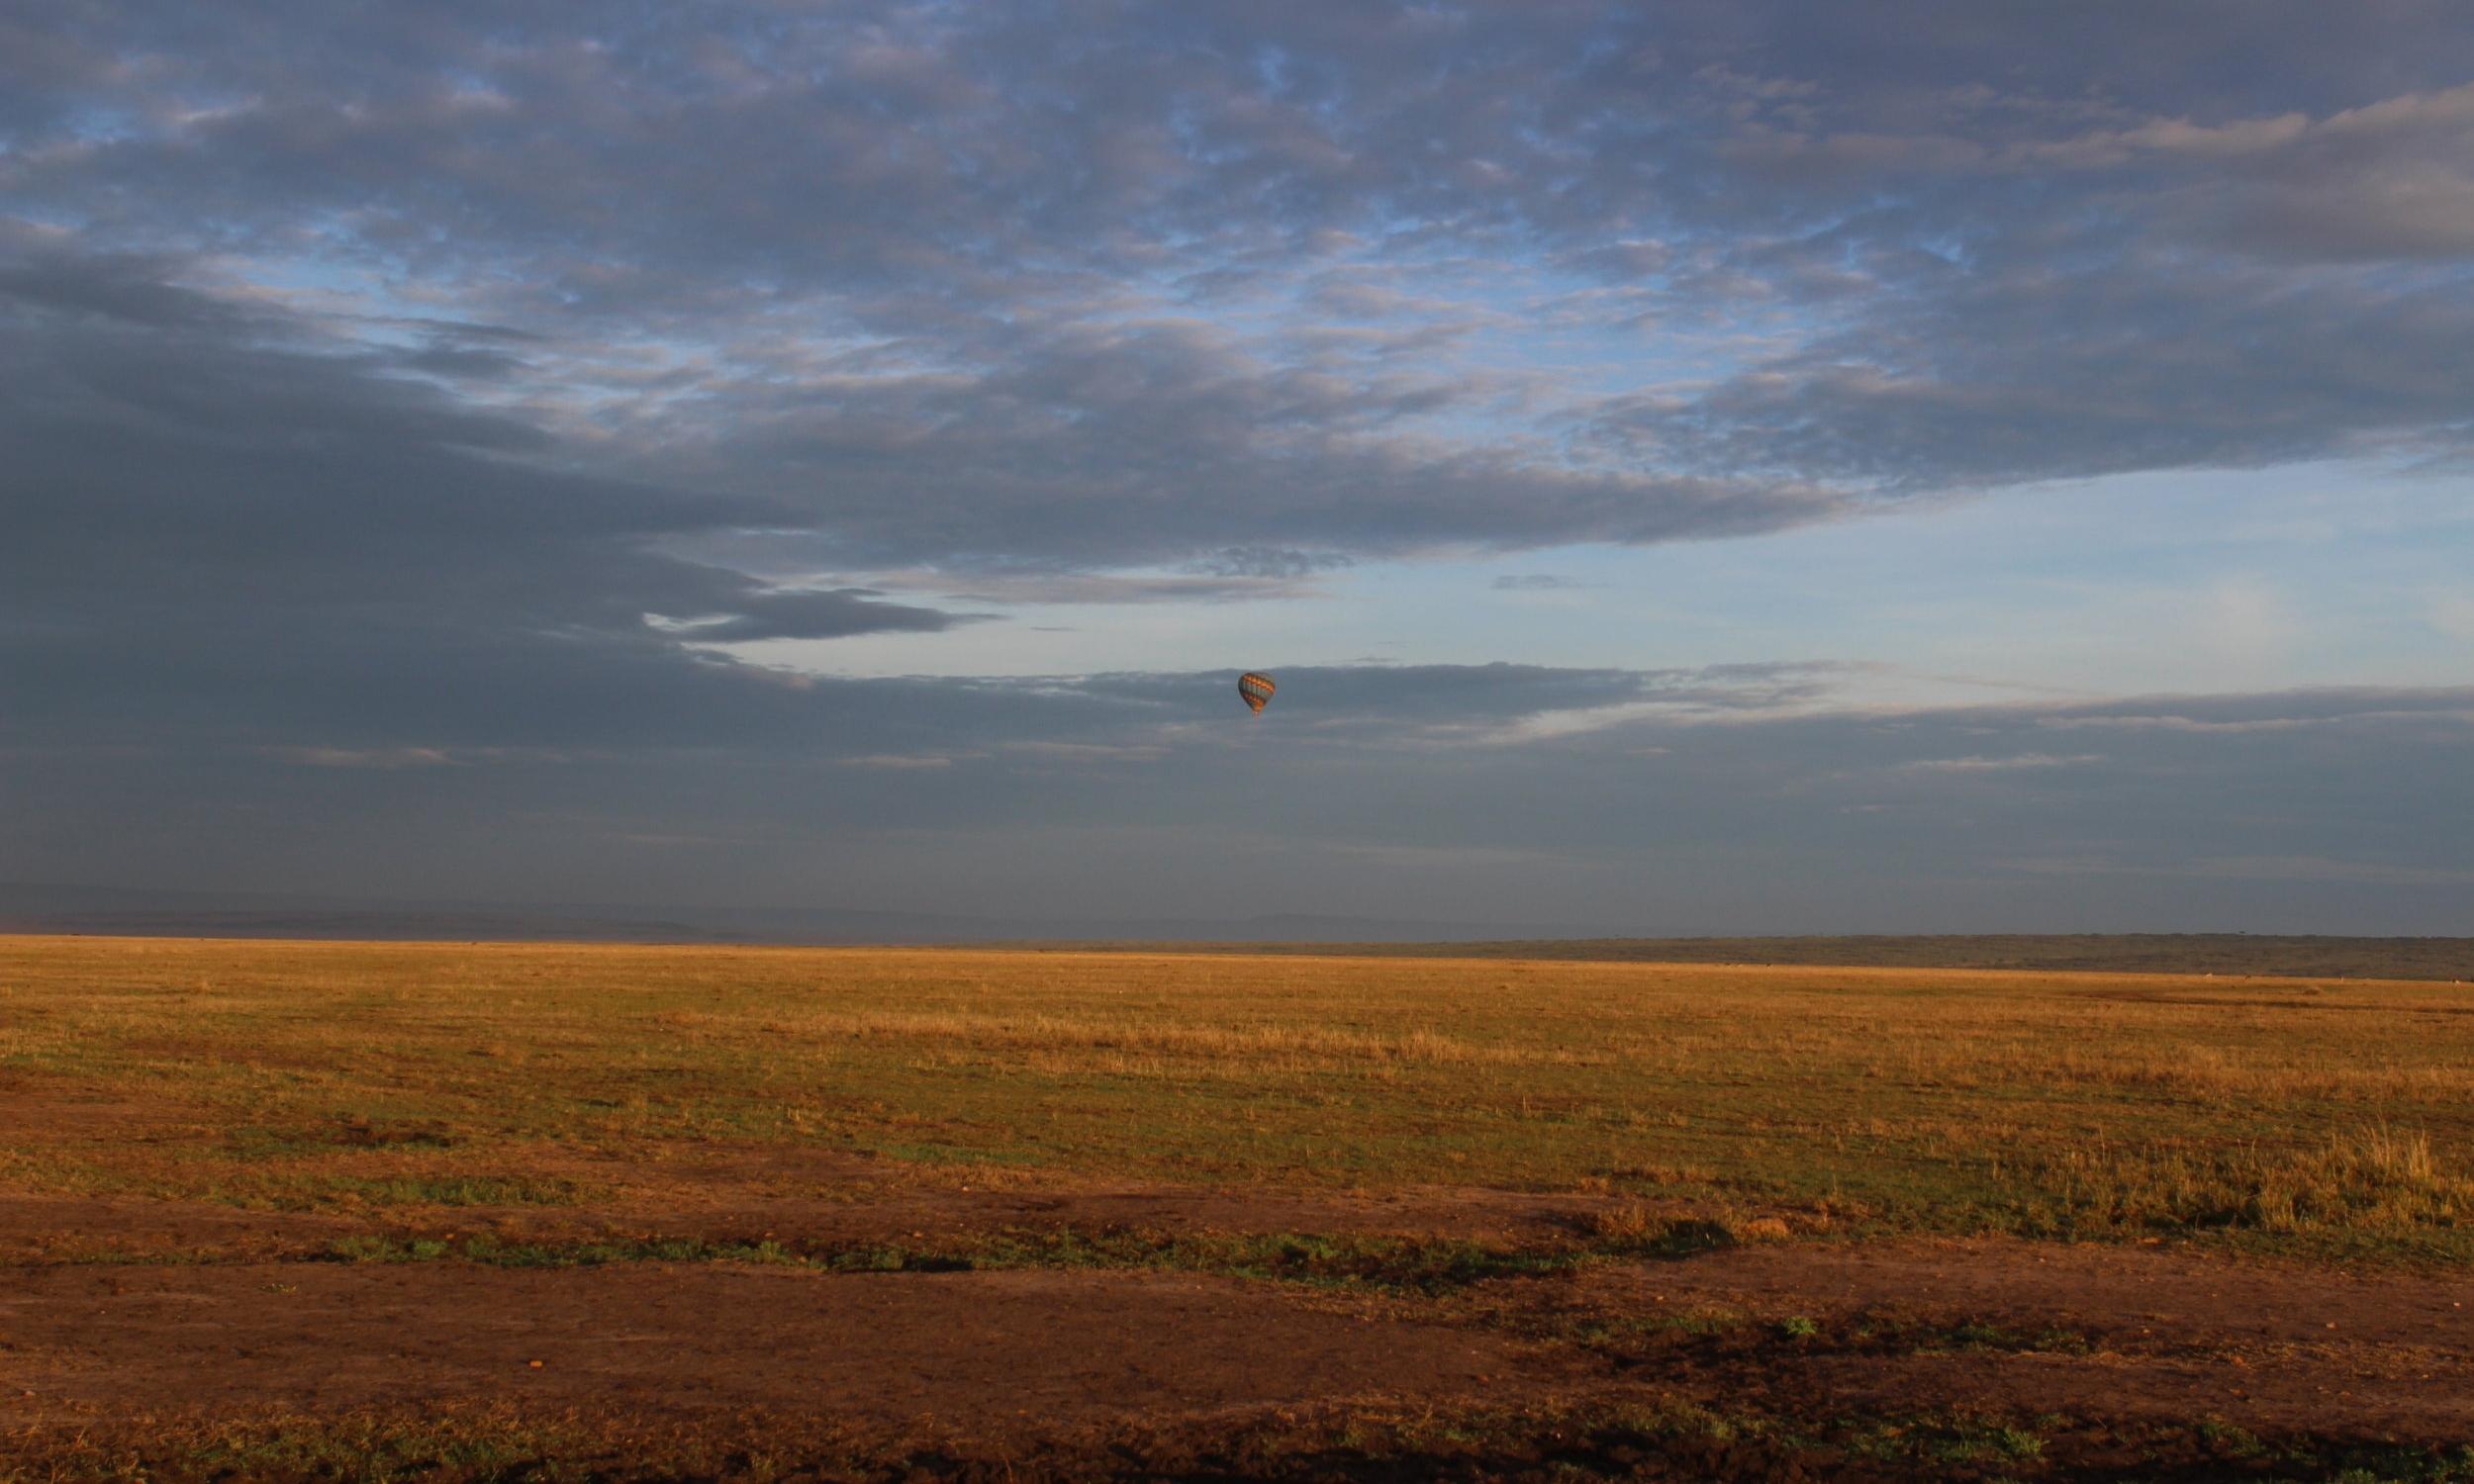 Sunrise over the Masai Mara